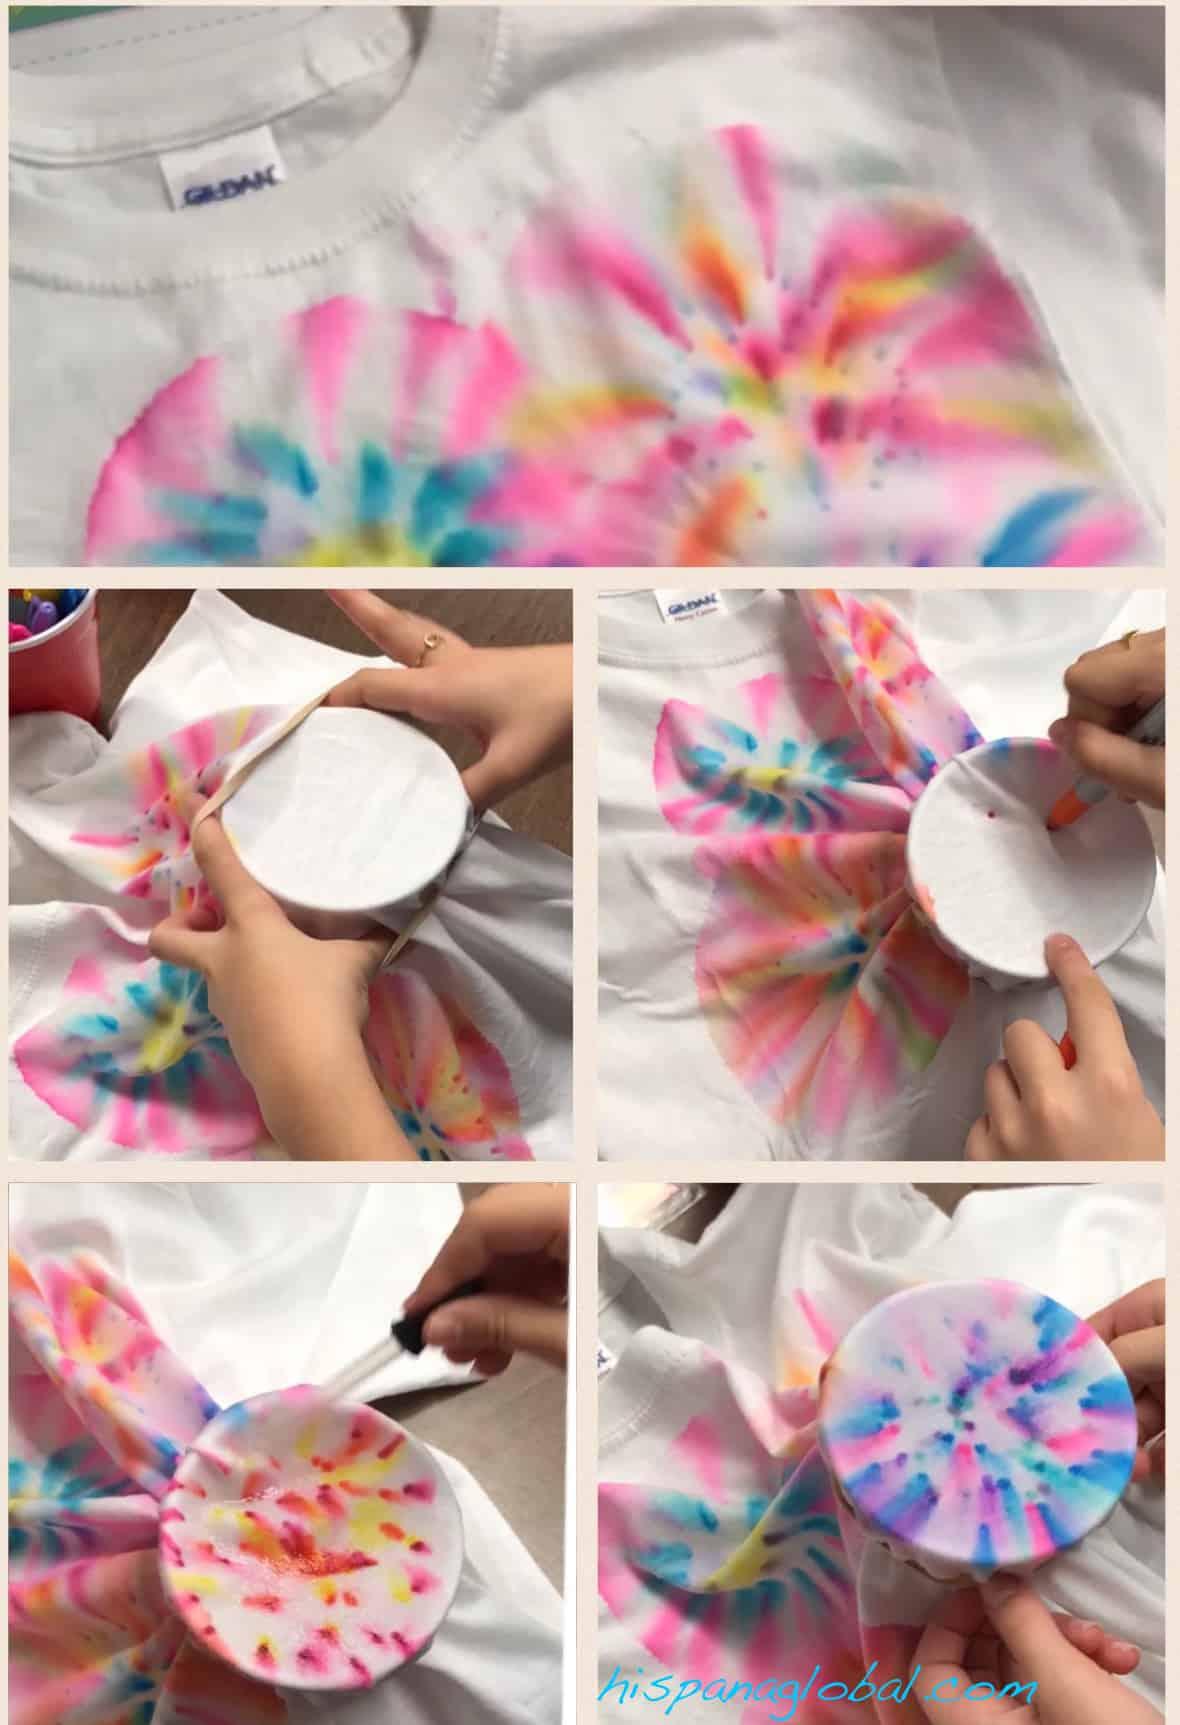 Cómo hacer camisetas o playeras teñidas con plumones o marcadores indelebles